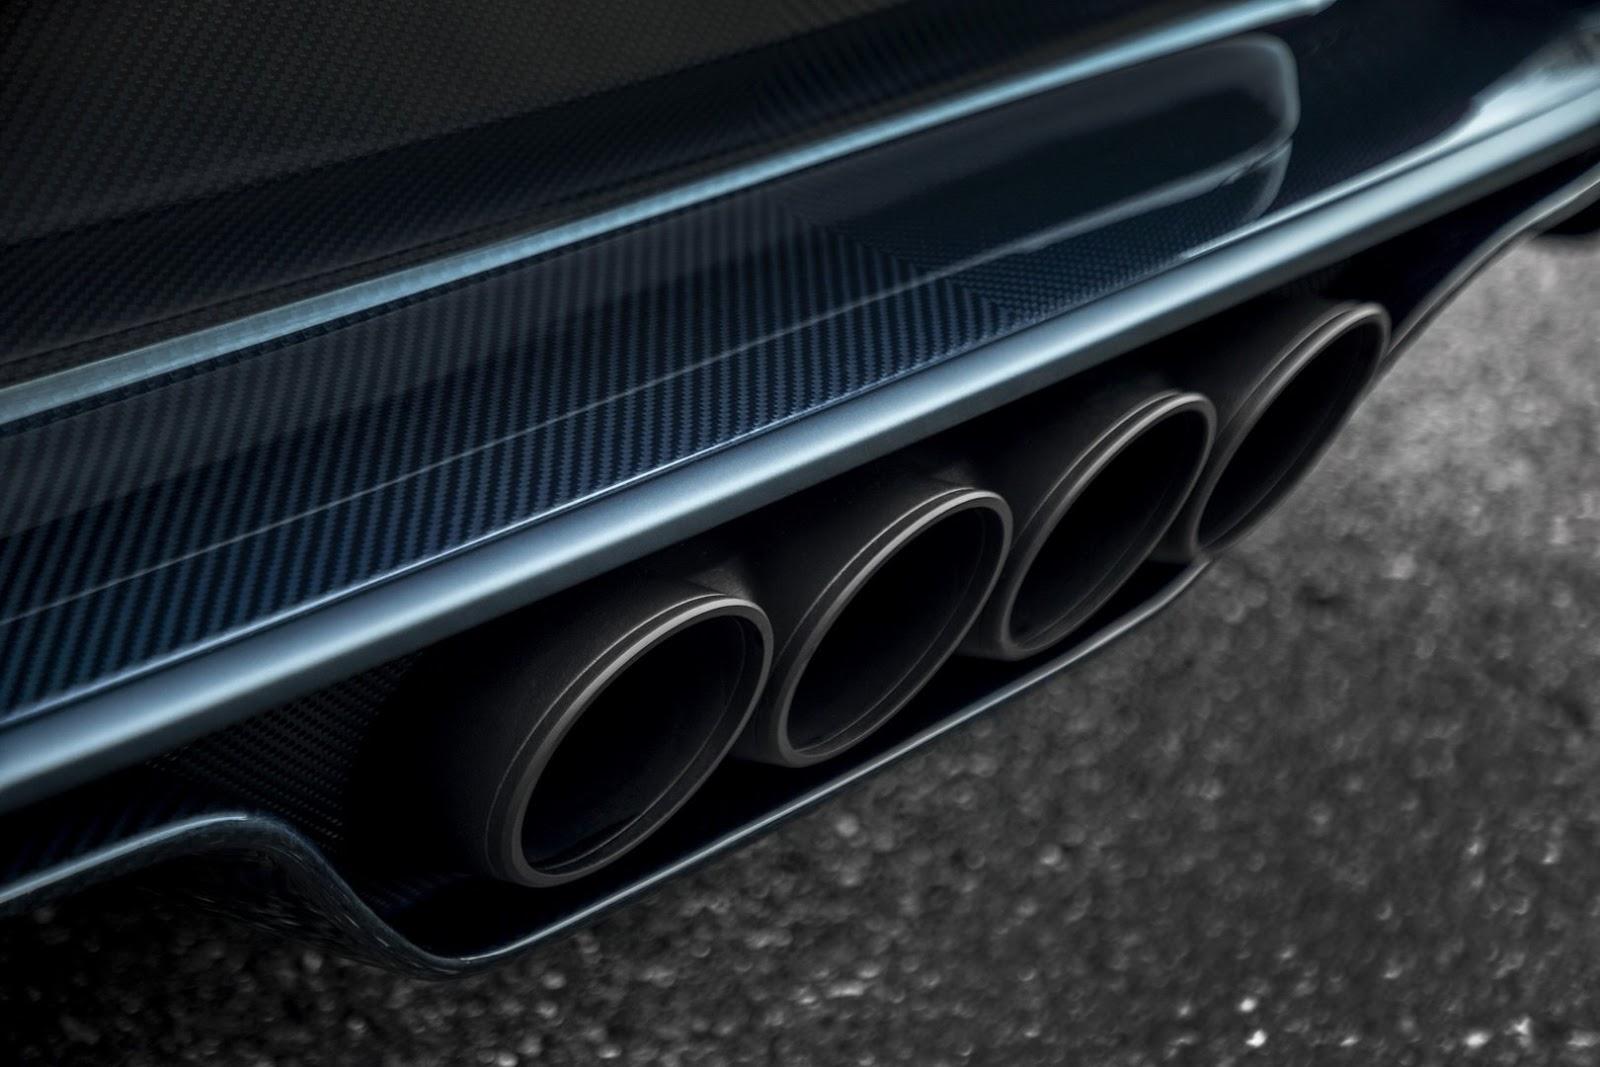 Bugatti Chiron Sport sắp có thêm phiên bản đặc biệt, chỉ 20 chiếc được sản xuất